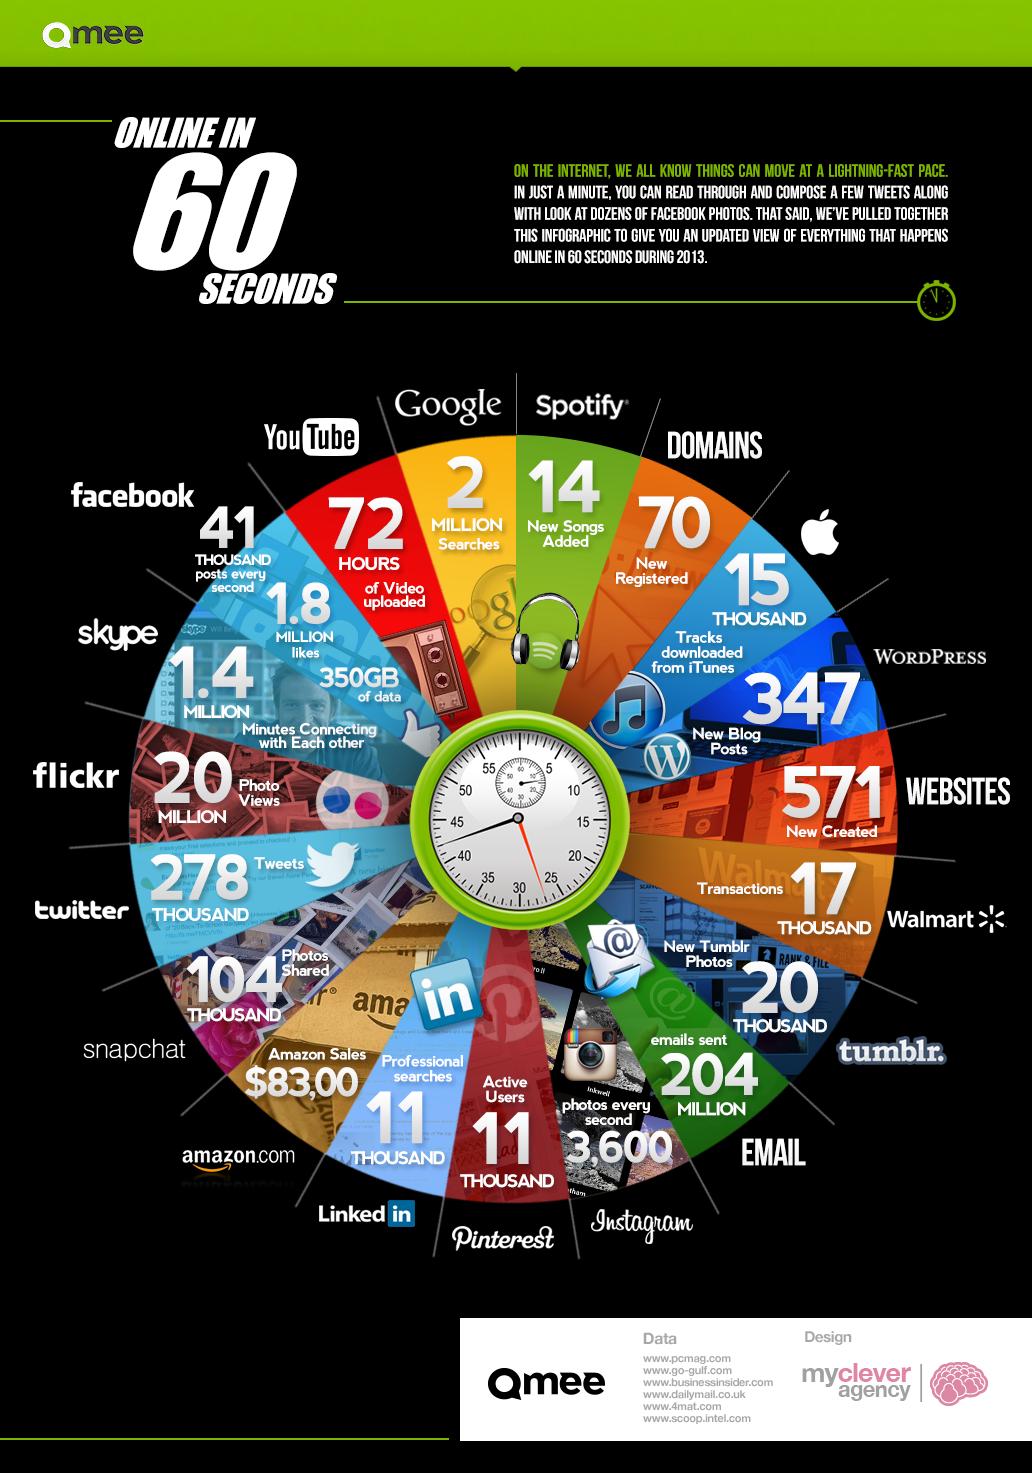 ¿Qué ocurre en Internet en 60 segundos?